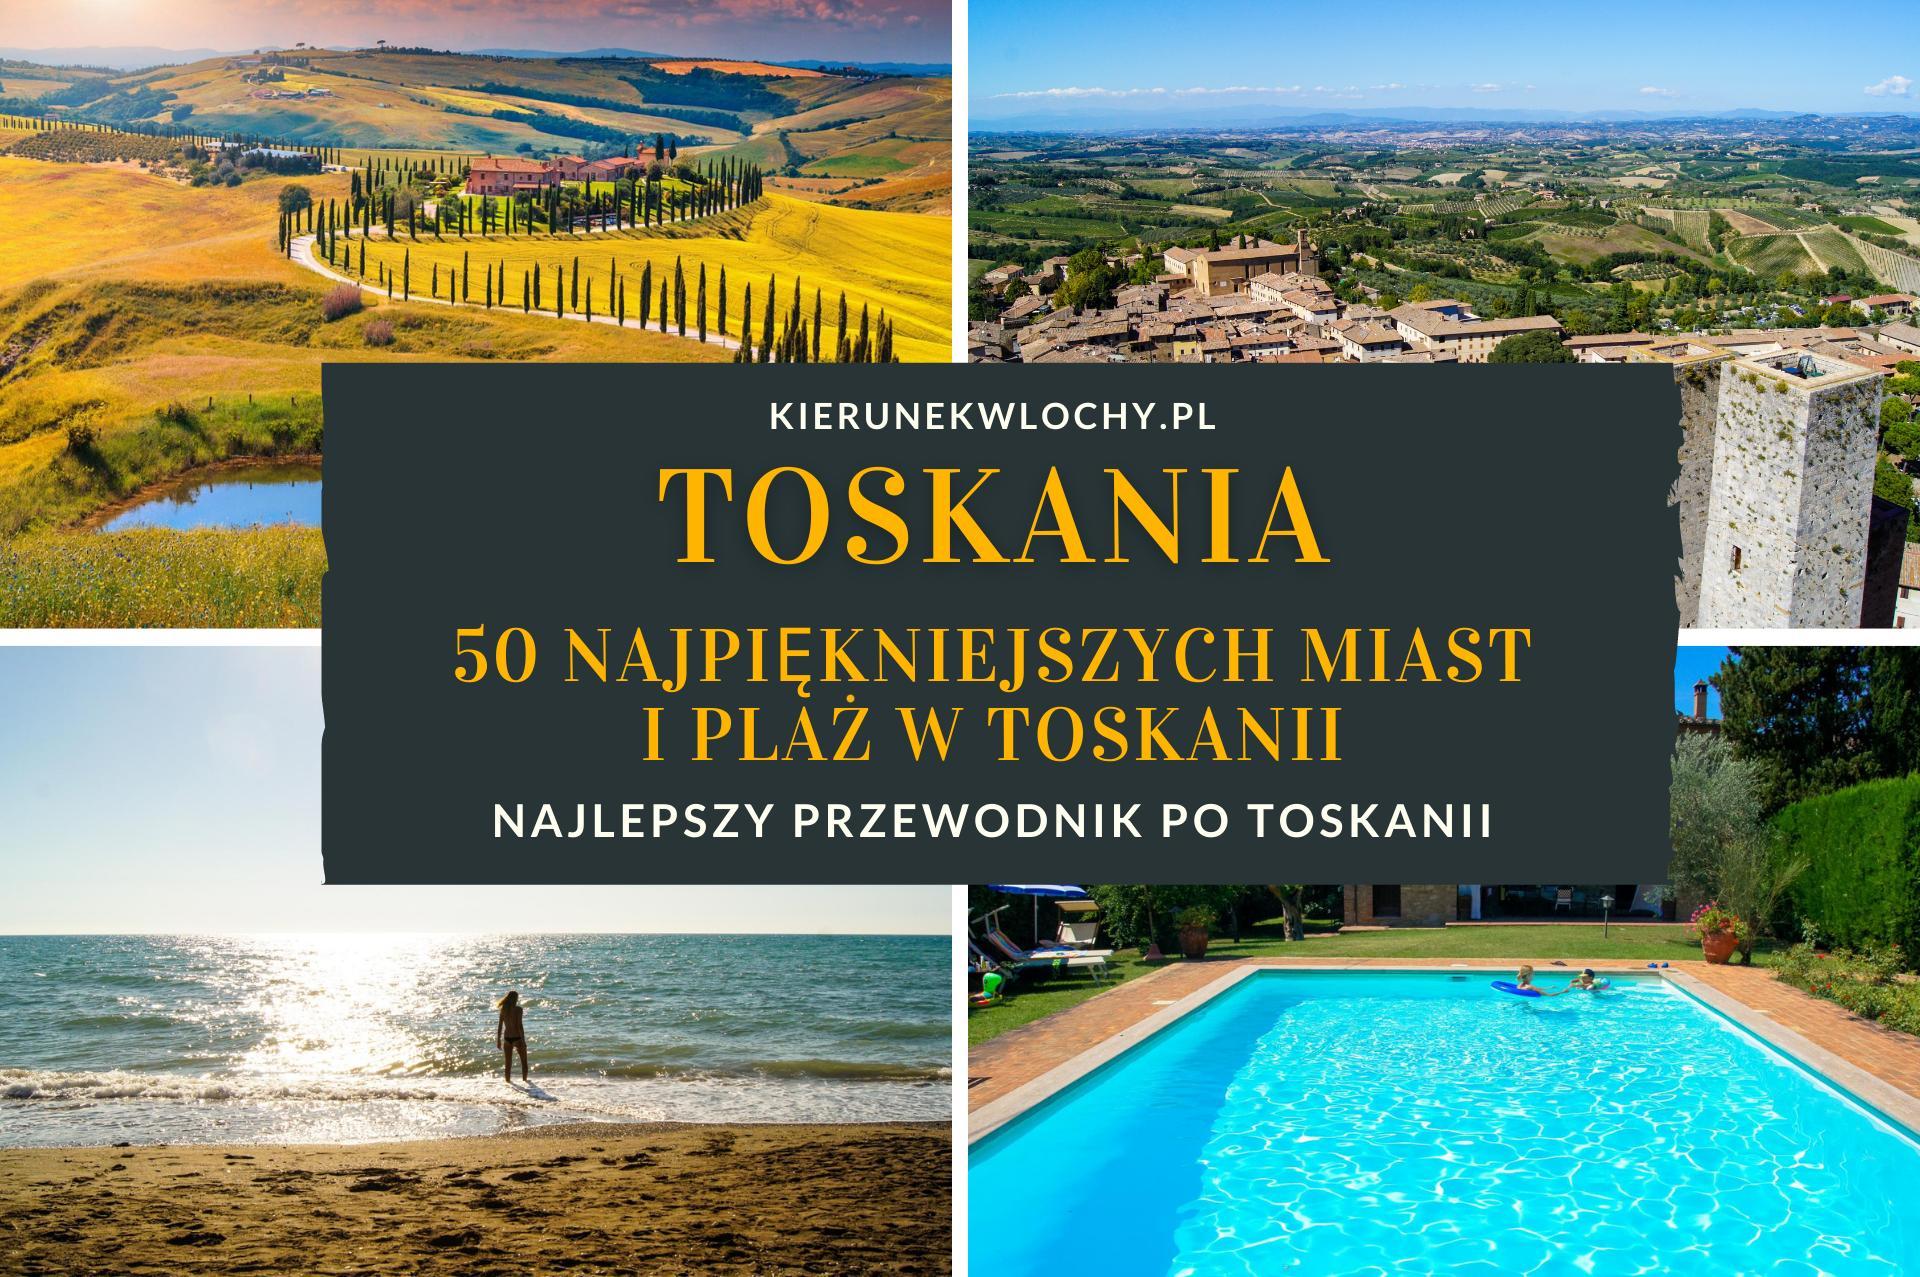 Toskania, przewodnik po regionie, polecane noclegi, opisy miast, atrakcje, zabytki, co warto zobaczyć